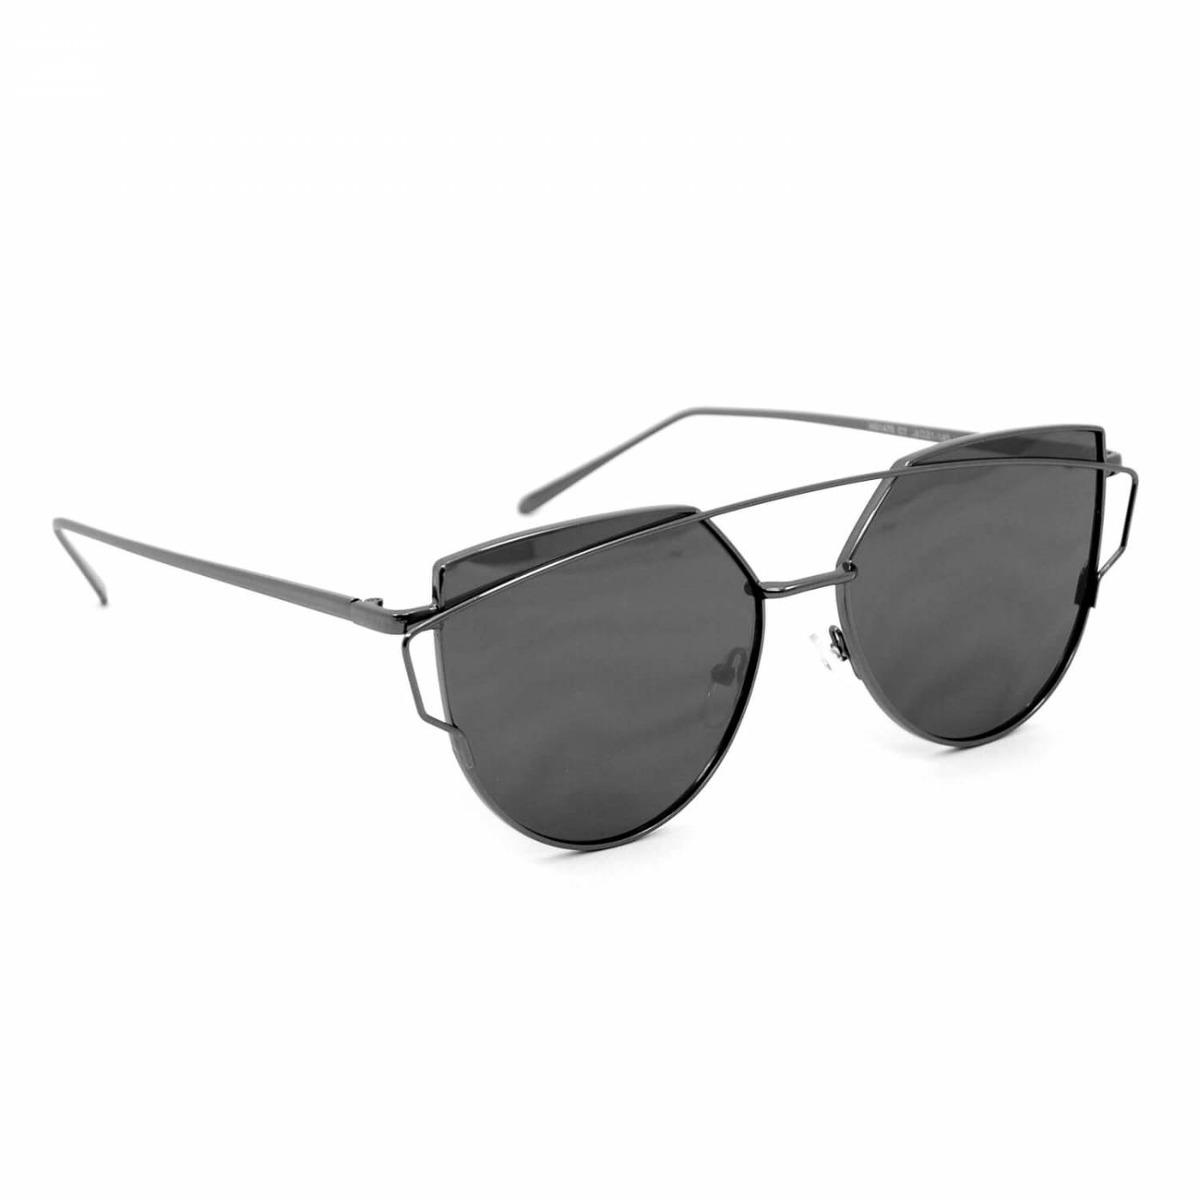 7e4ad1b54425a Óculos De Sol Top Bar Preto Style - R  114